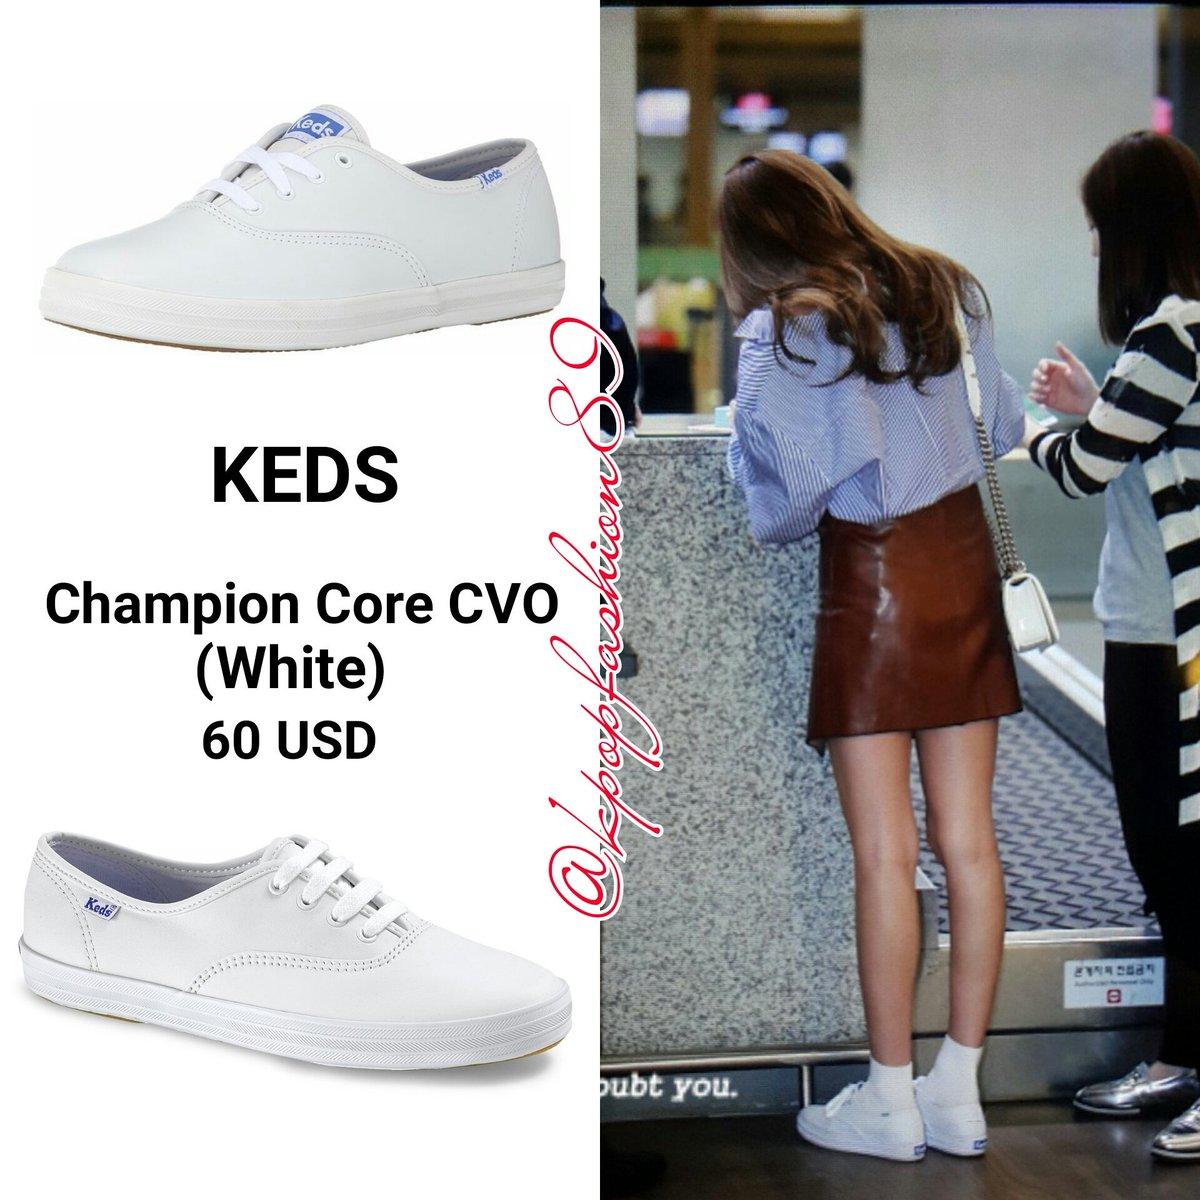 4cd3e9c4ca9ef 160609  JessicaJung KEDS  Champion Core CVO (White) http   www.kedskr.com  keds shop view.asp gdscd WH45750 …  airportfashionpic.twitter.com TTcym9Jyzi